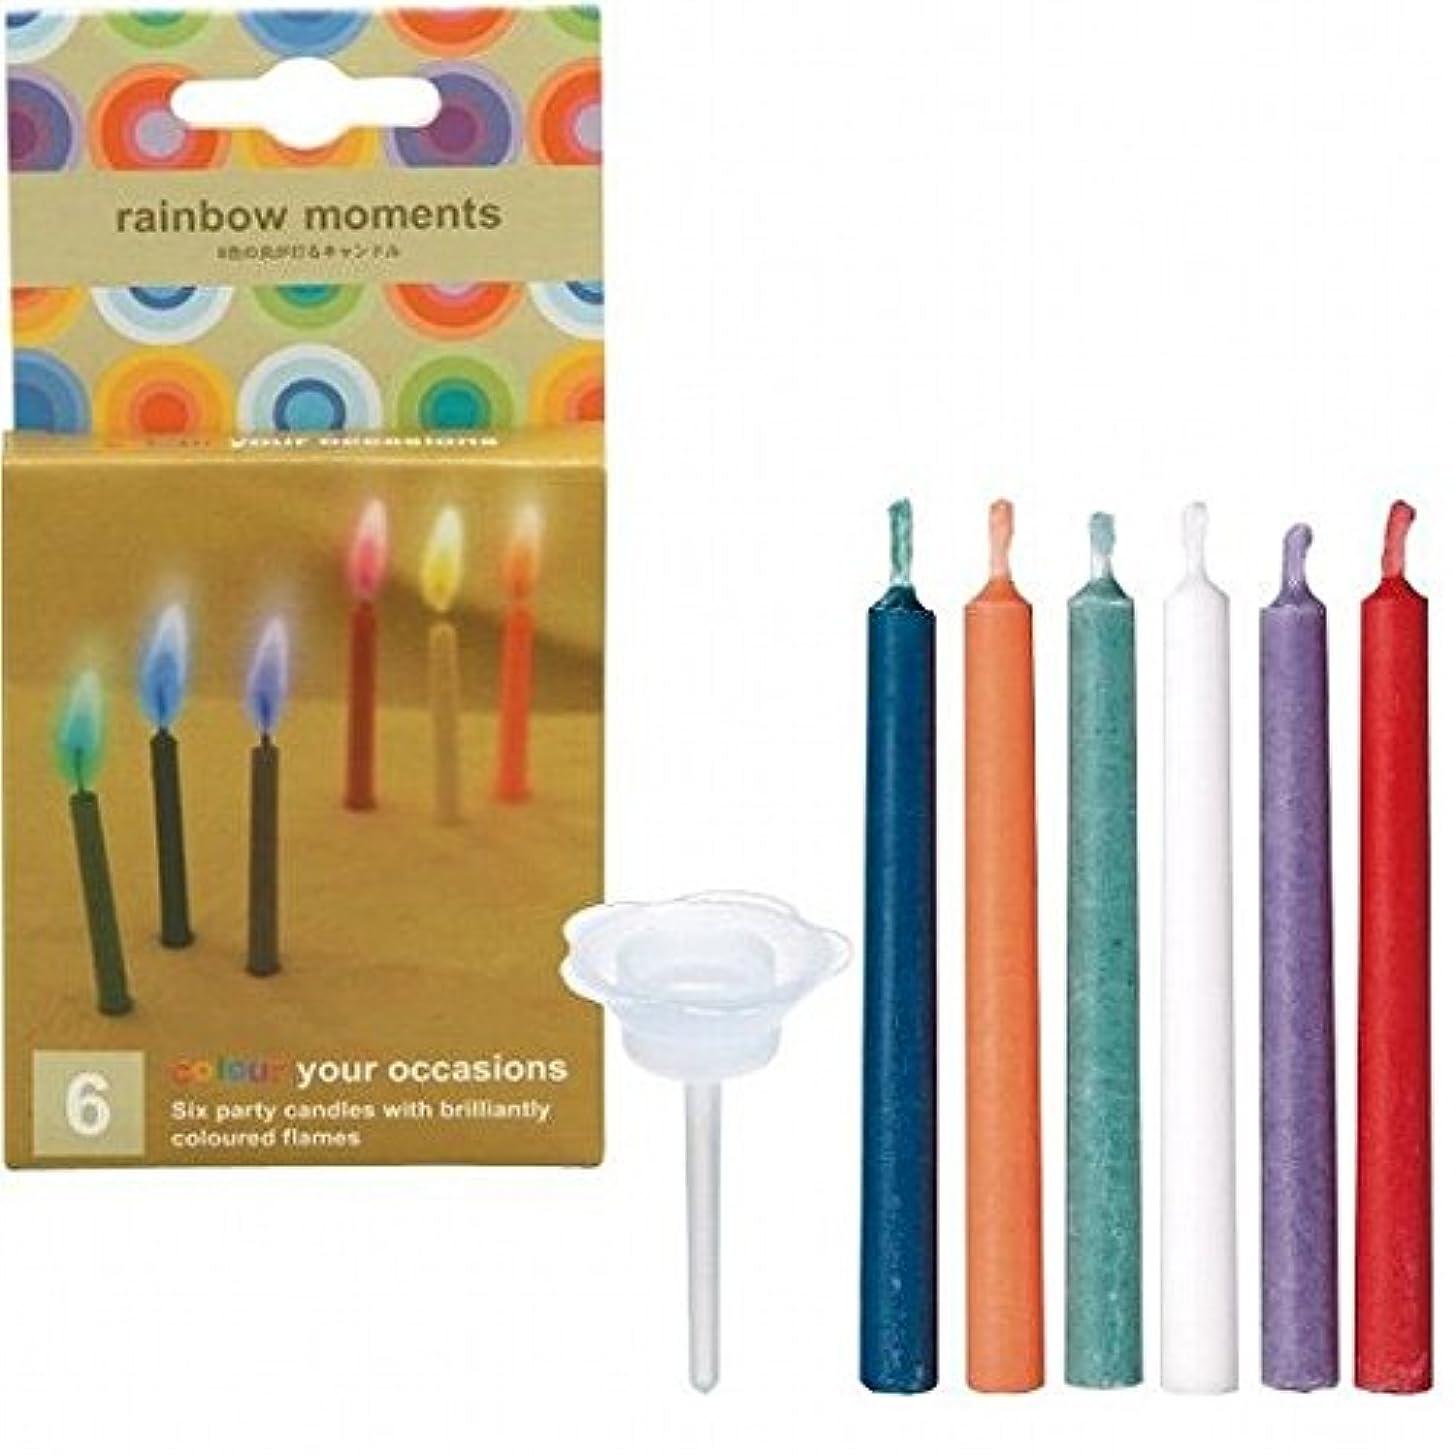 キルス失望ロマンスkameyama candle(カメヤマキャンドル) rainbowmoments(レインボーモーメント)6色6本入り 「 6本入り 」 キャンドル(56050000)